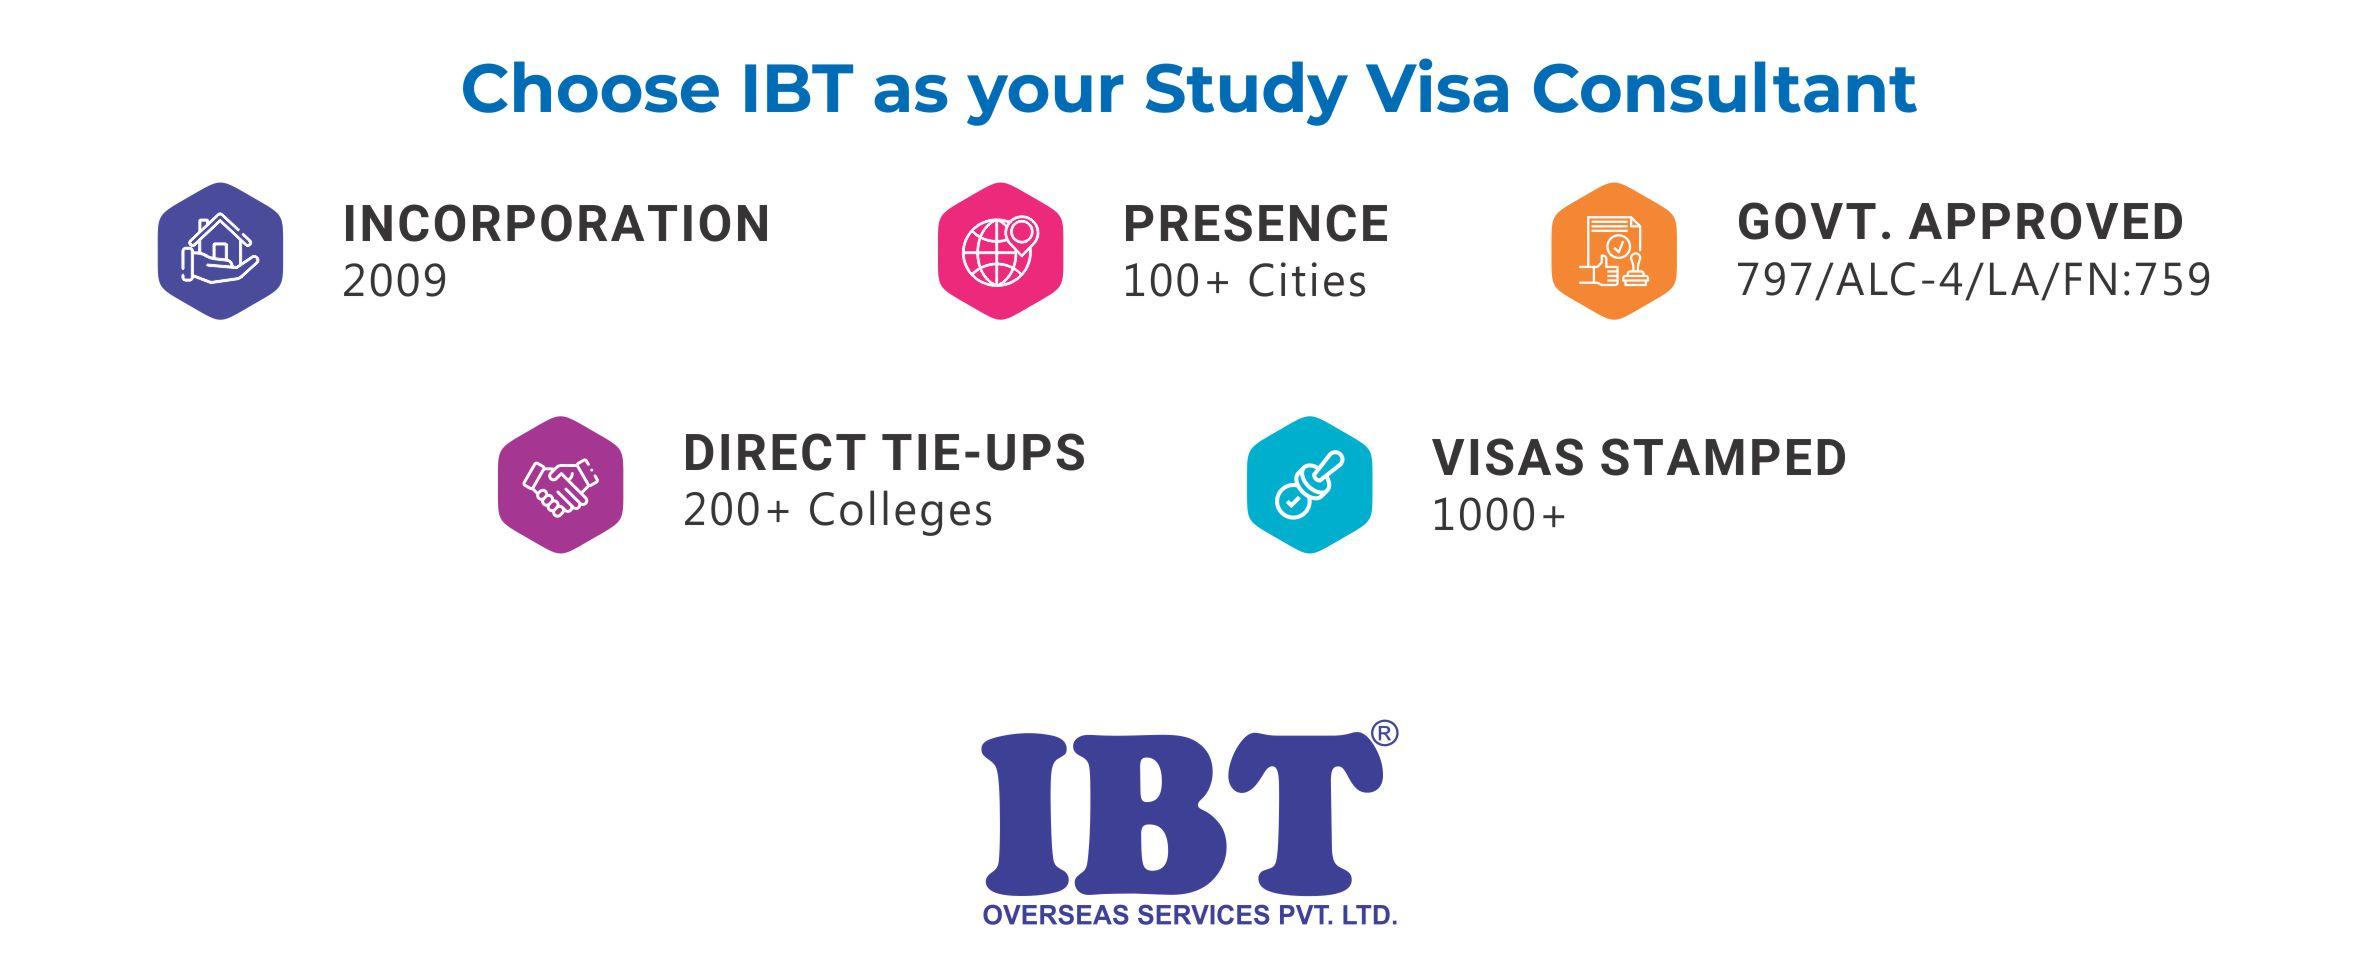 Choose IBT